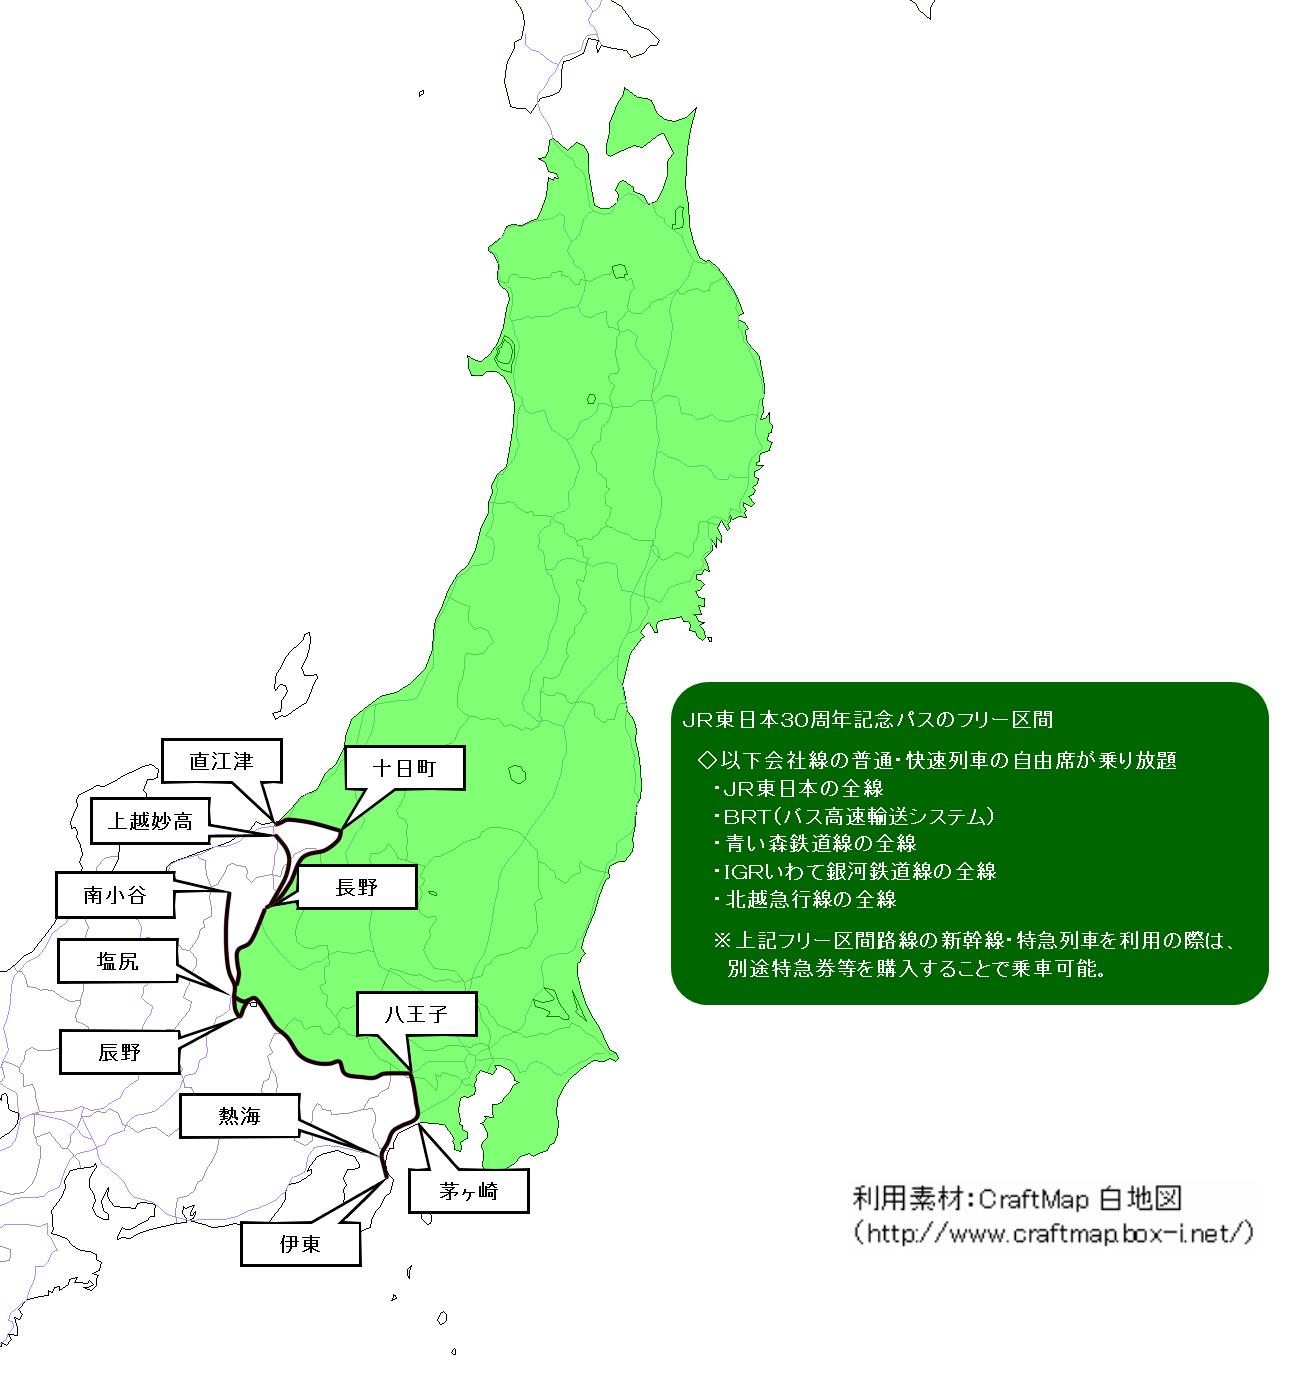 【画像】JR東日本30周年記念パスフリー区間